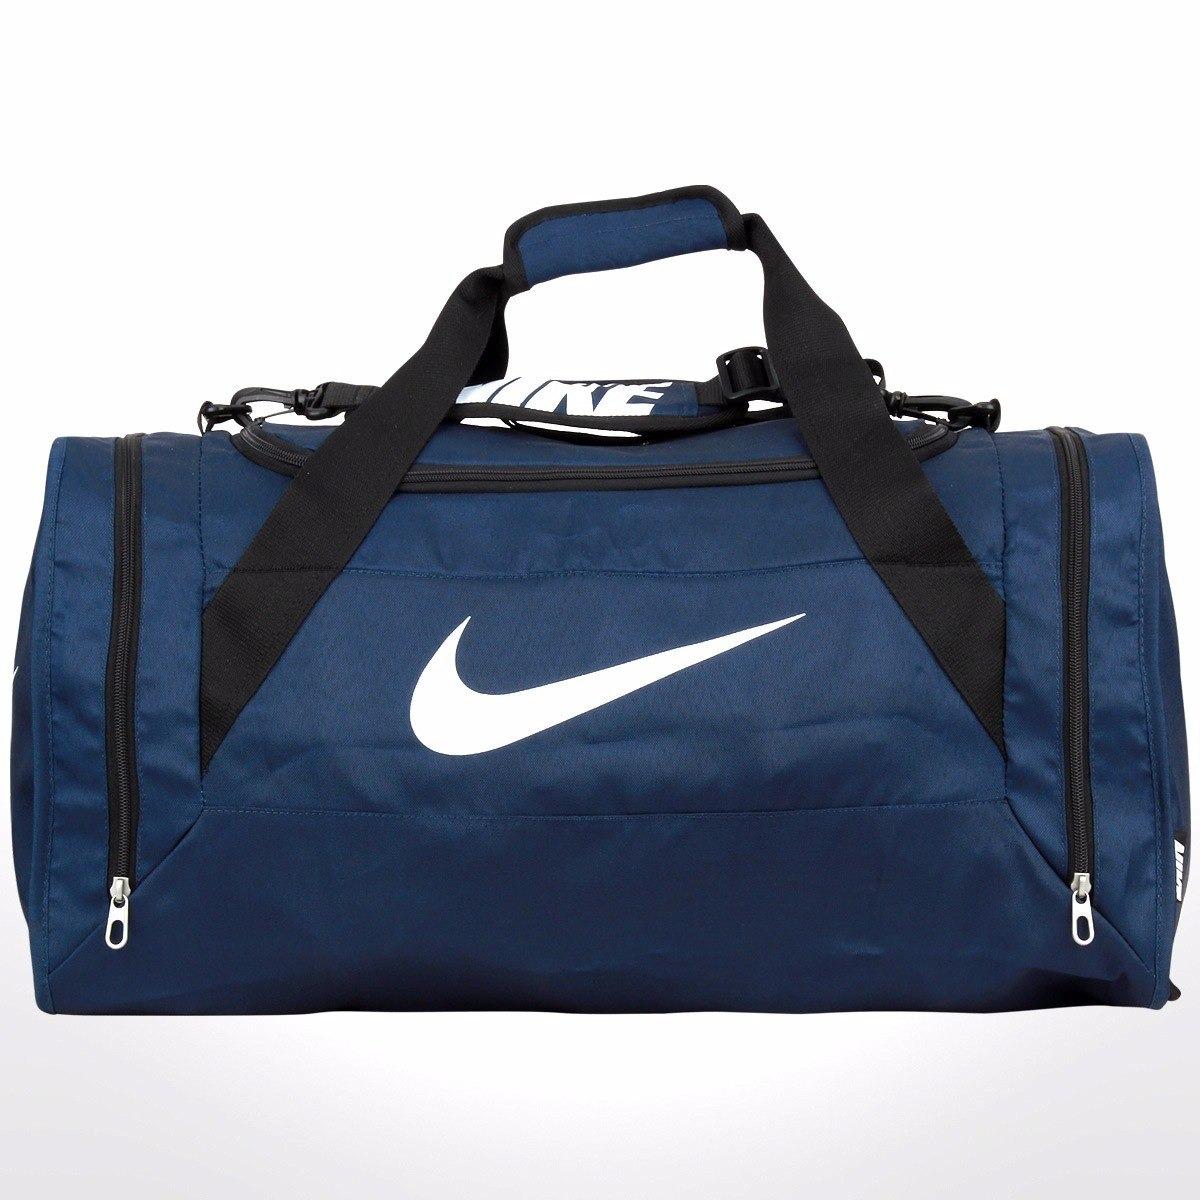 Nike Brasilia Azul Bolso Marino890 Medium 00 H92WEDI